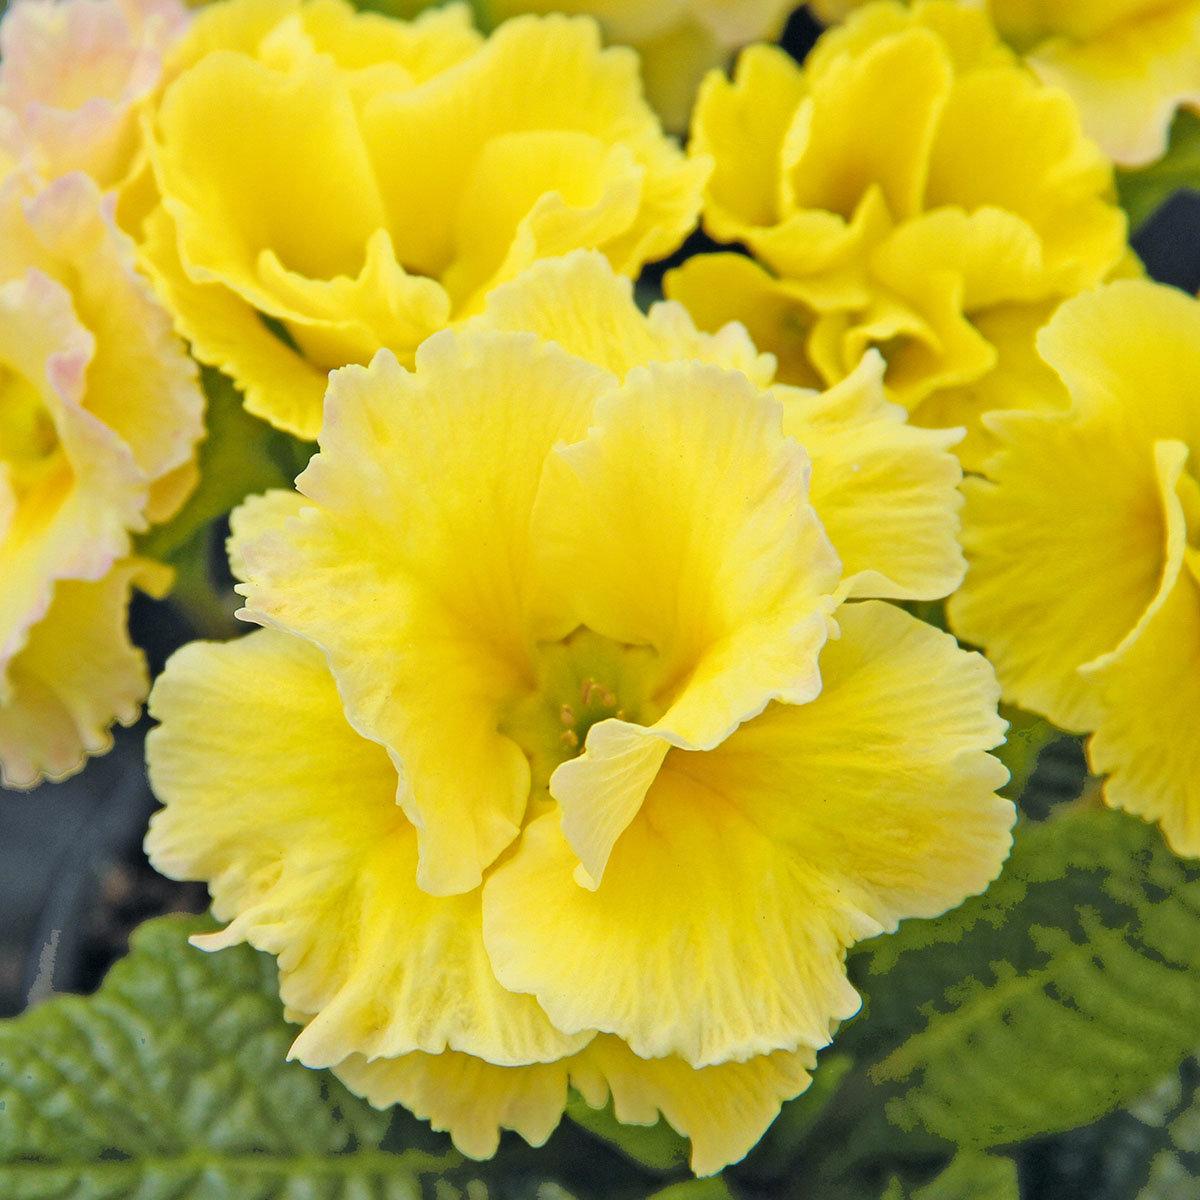 Rosen-Primel Girl's Delight Lemon Shades®, 3 Stück, im ca. 10,5 cm-Topf